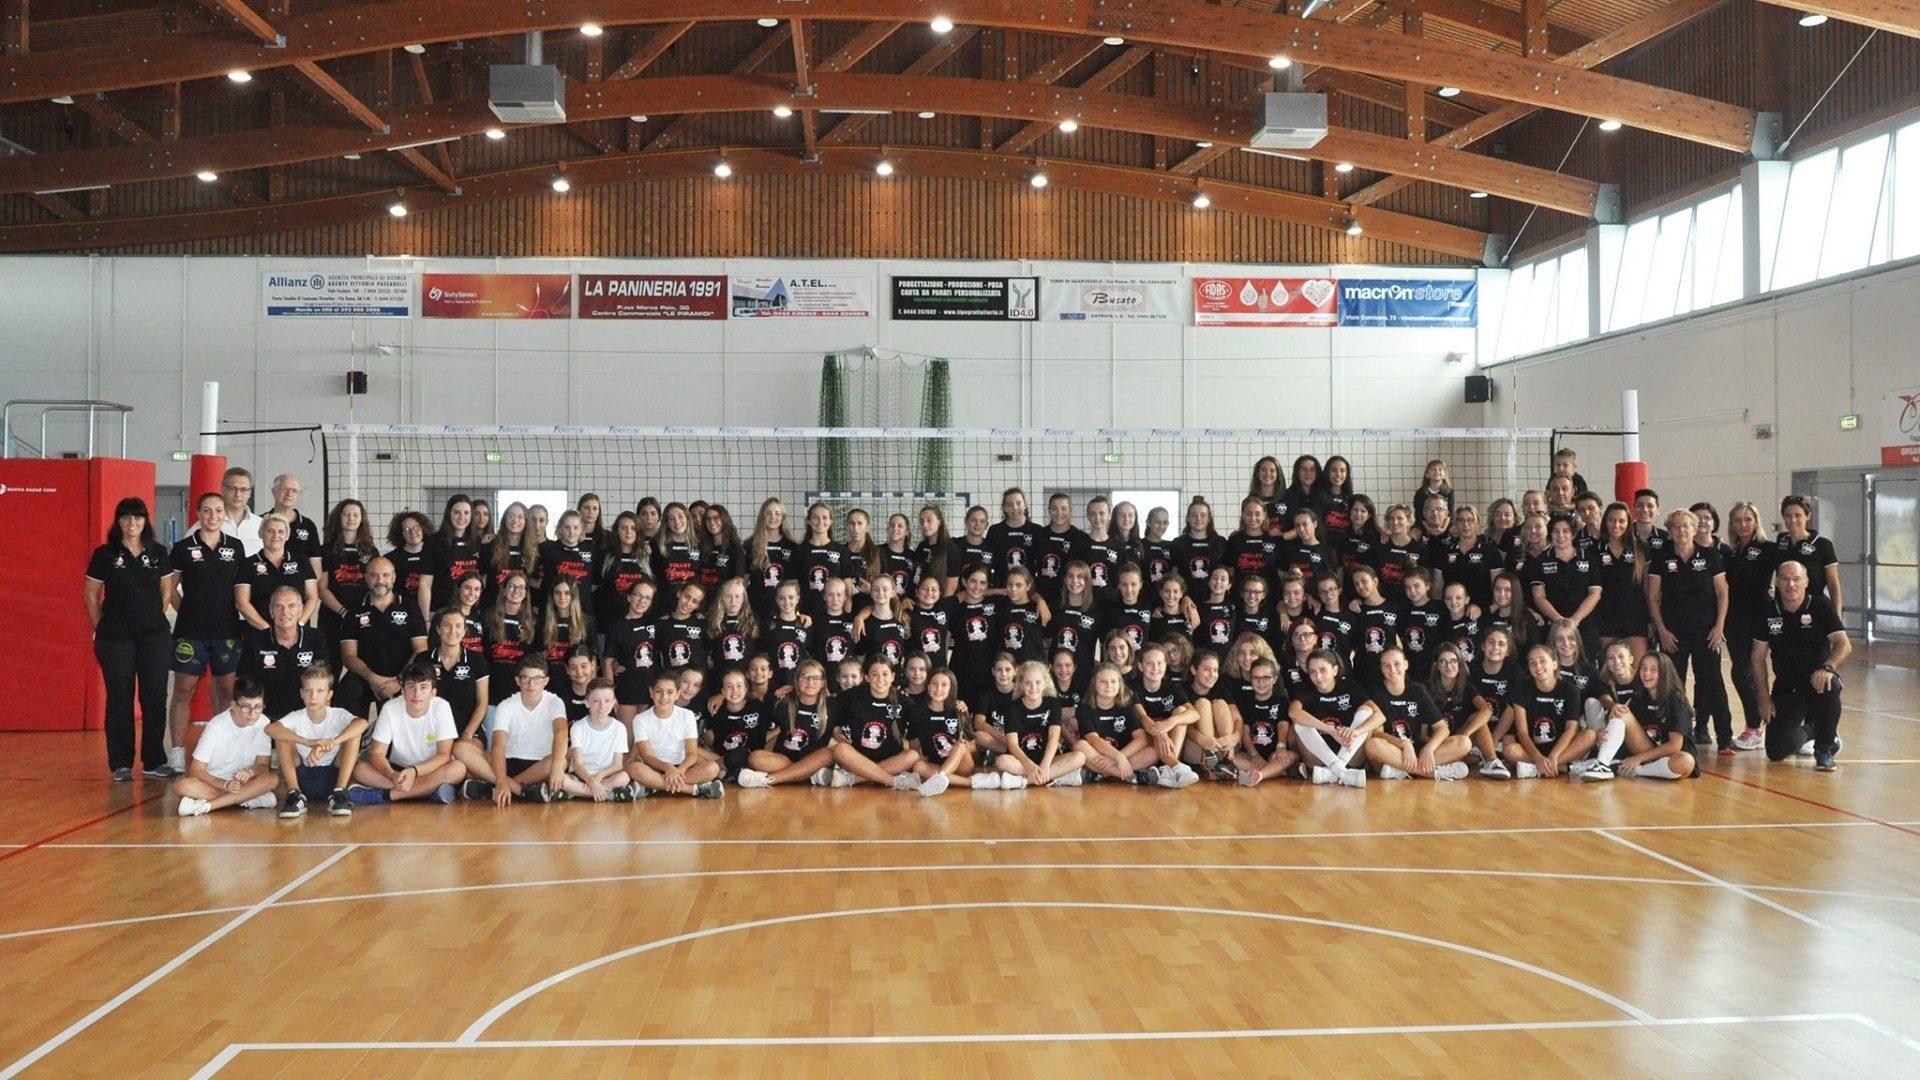 marola volley network